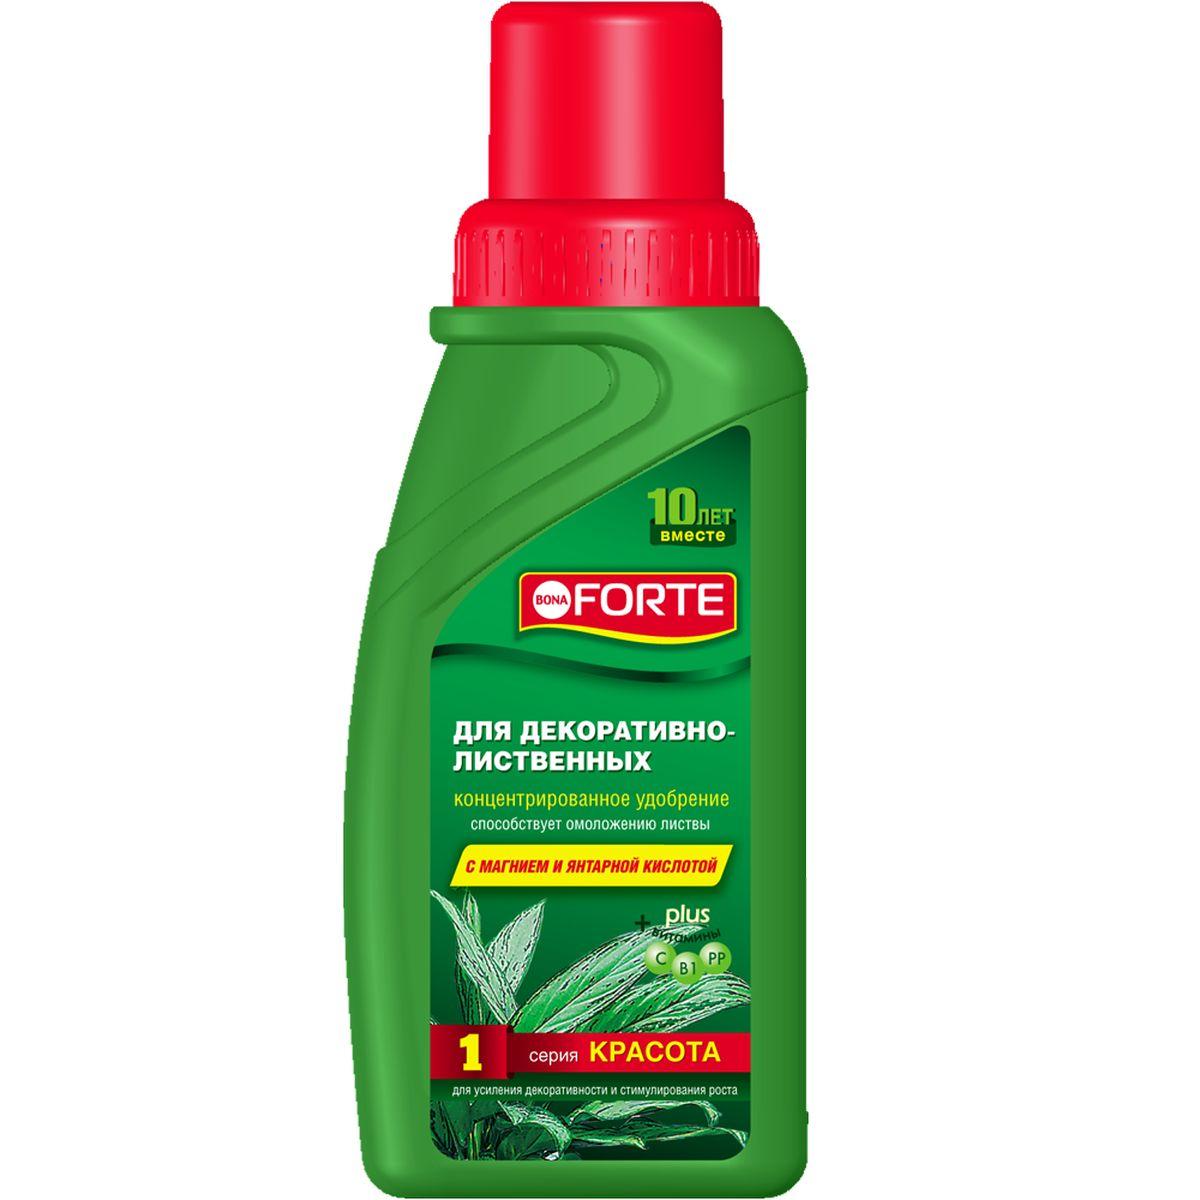 Жидкое комплексное удобрение Bona Forte, для декоративно-лиственных растений, 285 мл жидкое комплексное удобрение bona forte для фикусов и пальм 285 мл